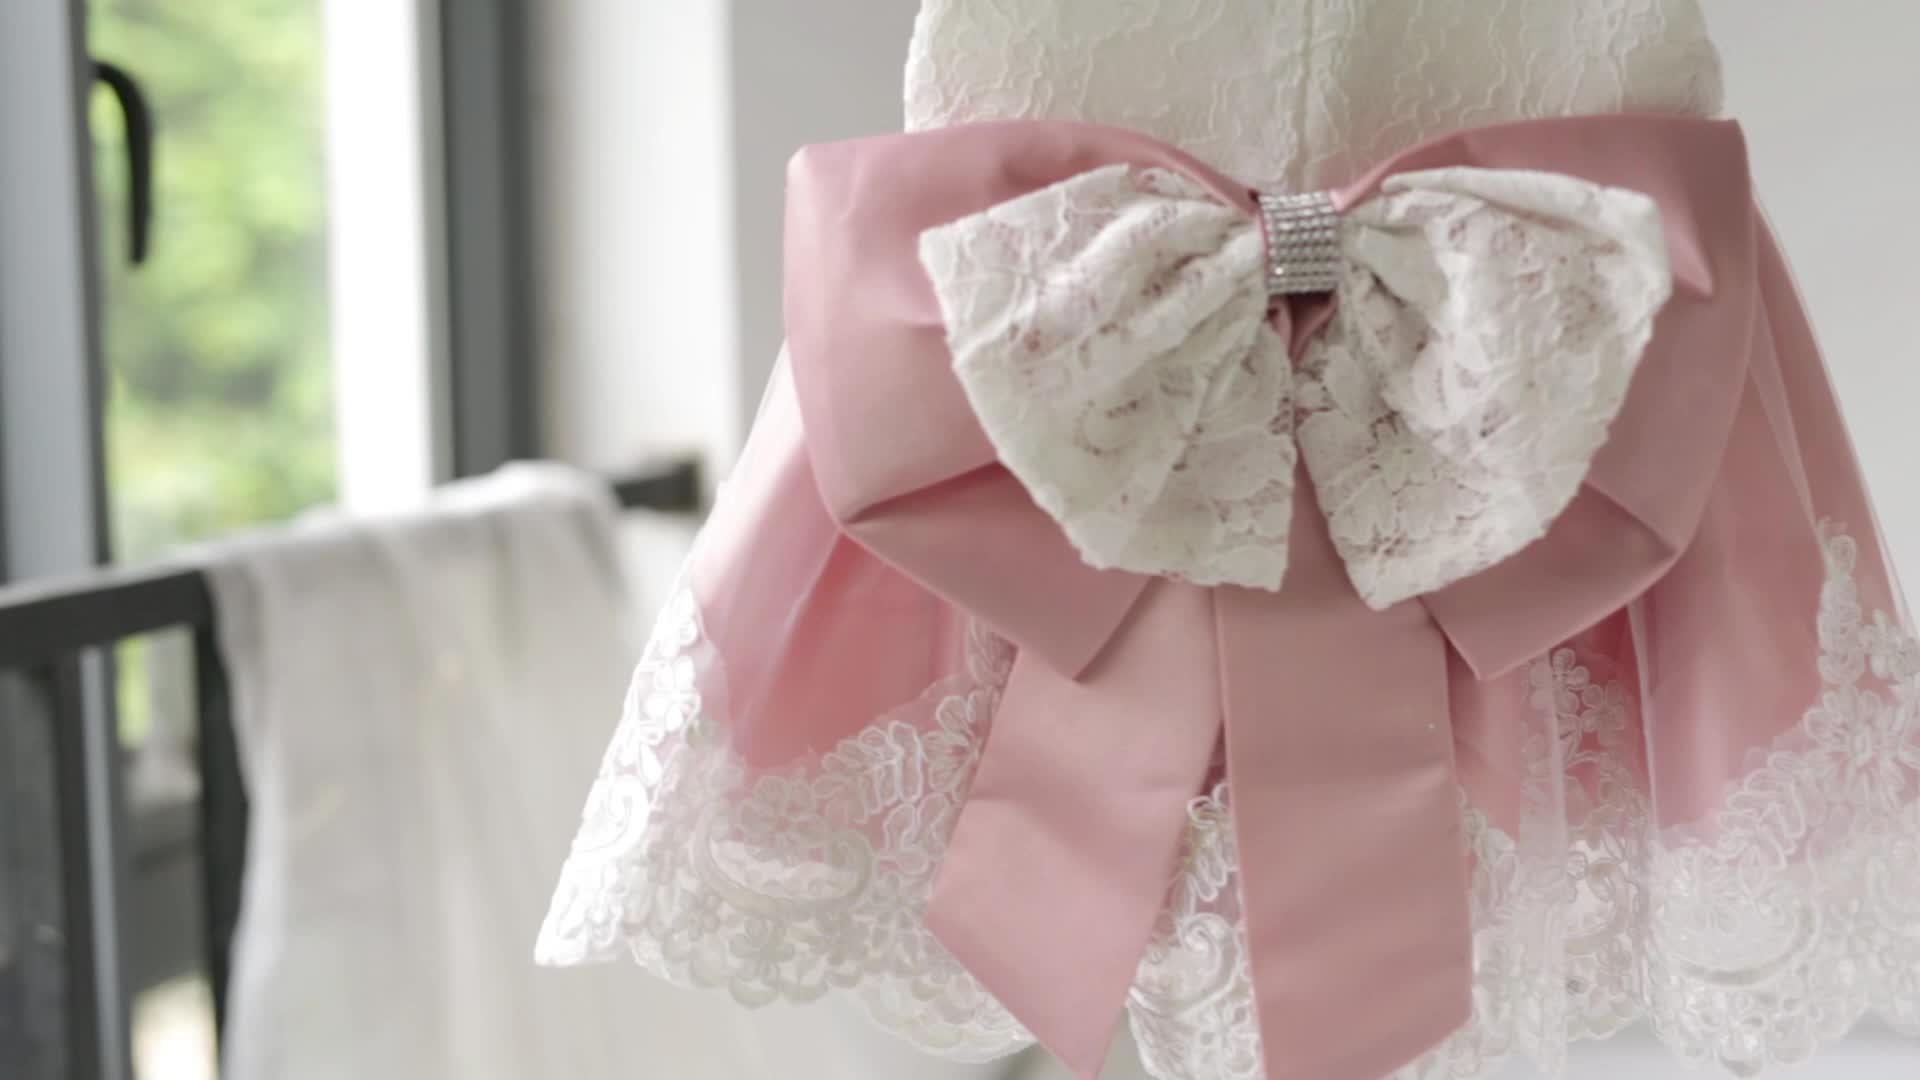 Оптовая продажа; детское платье с бантом для новорожденных девочек; розовое платье принцессы для дня рождения; нарядное платье; платье для крещения для маленьких девочек; белое платье